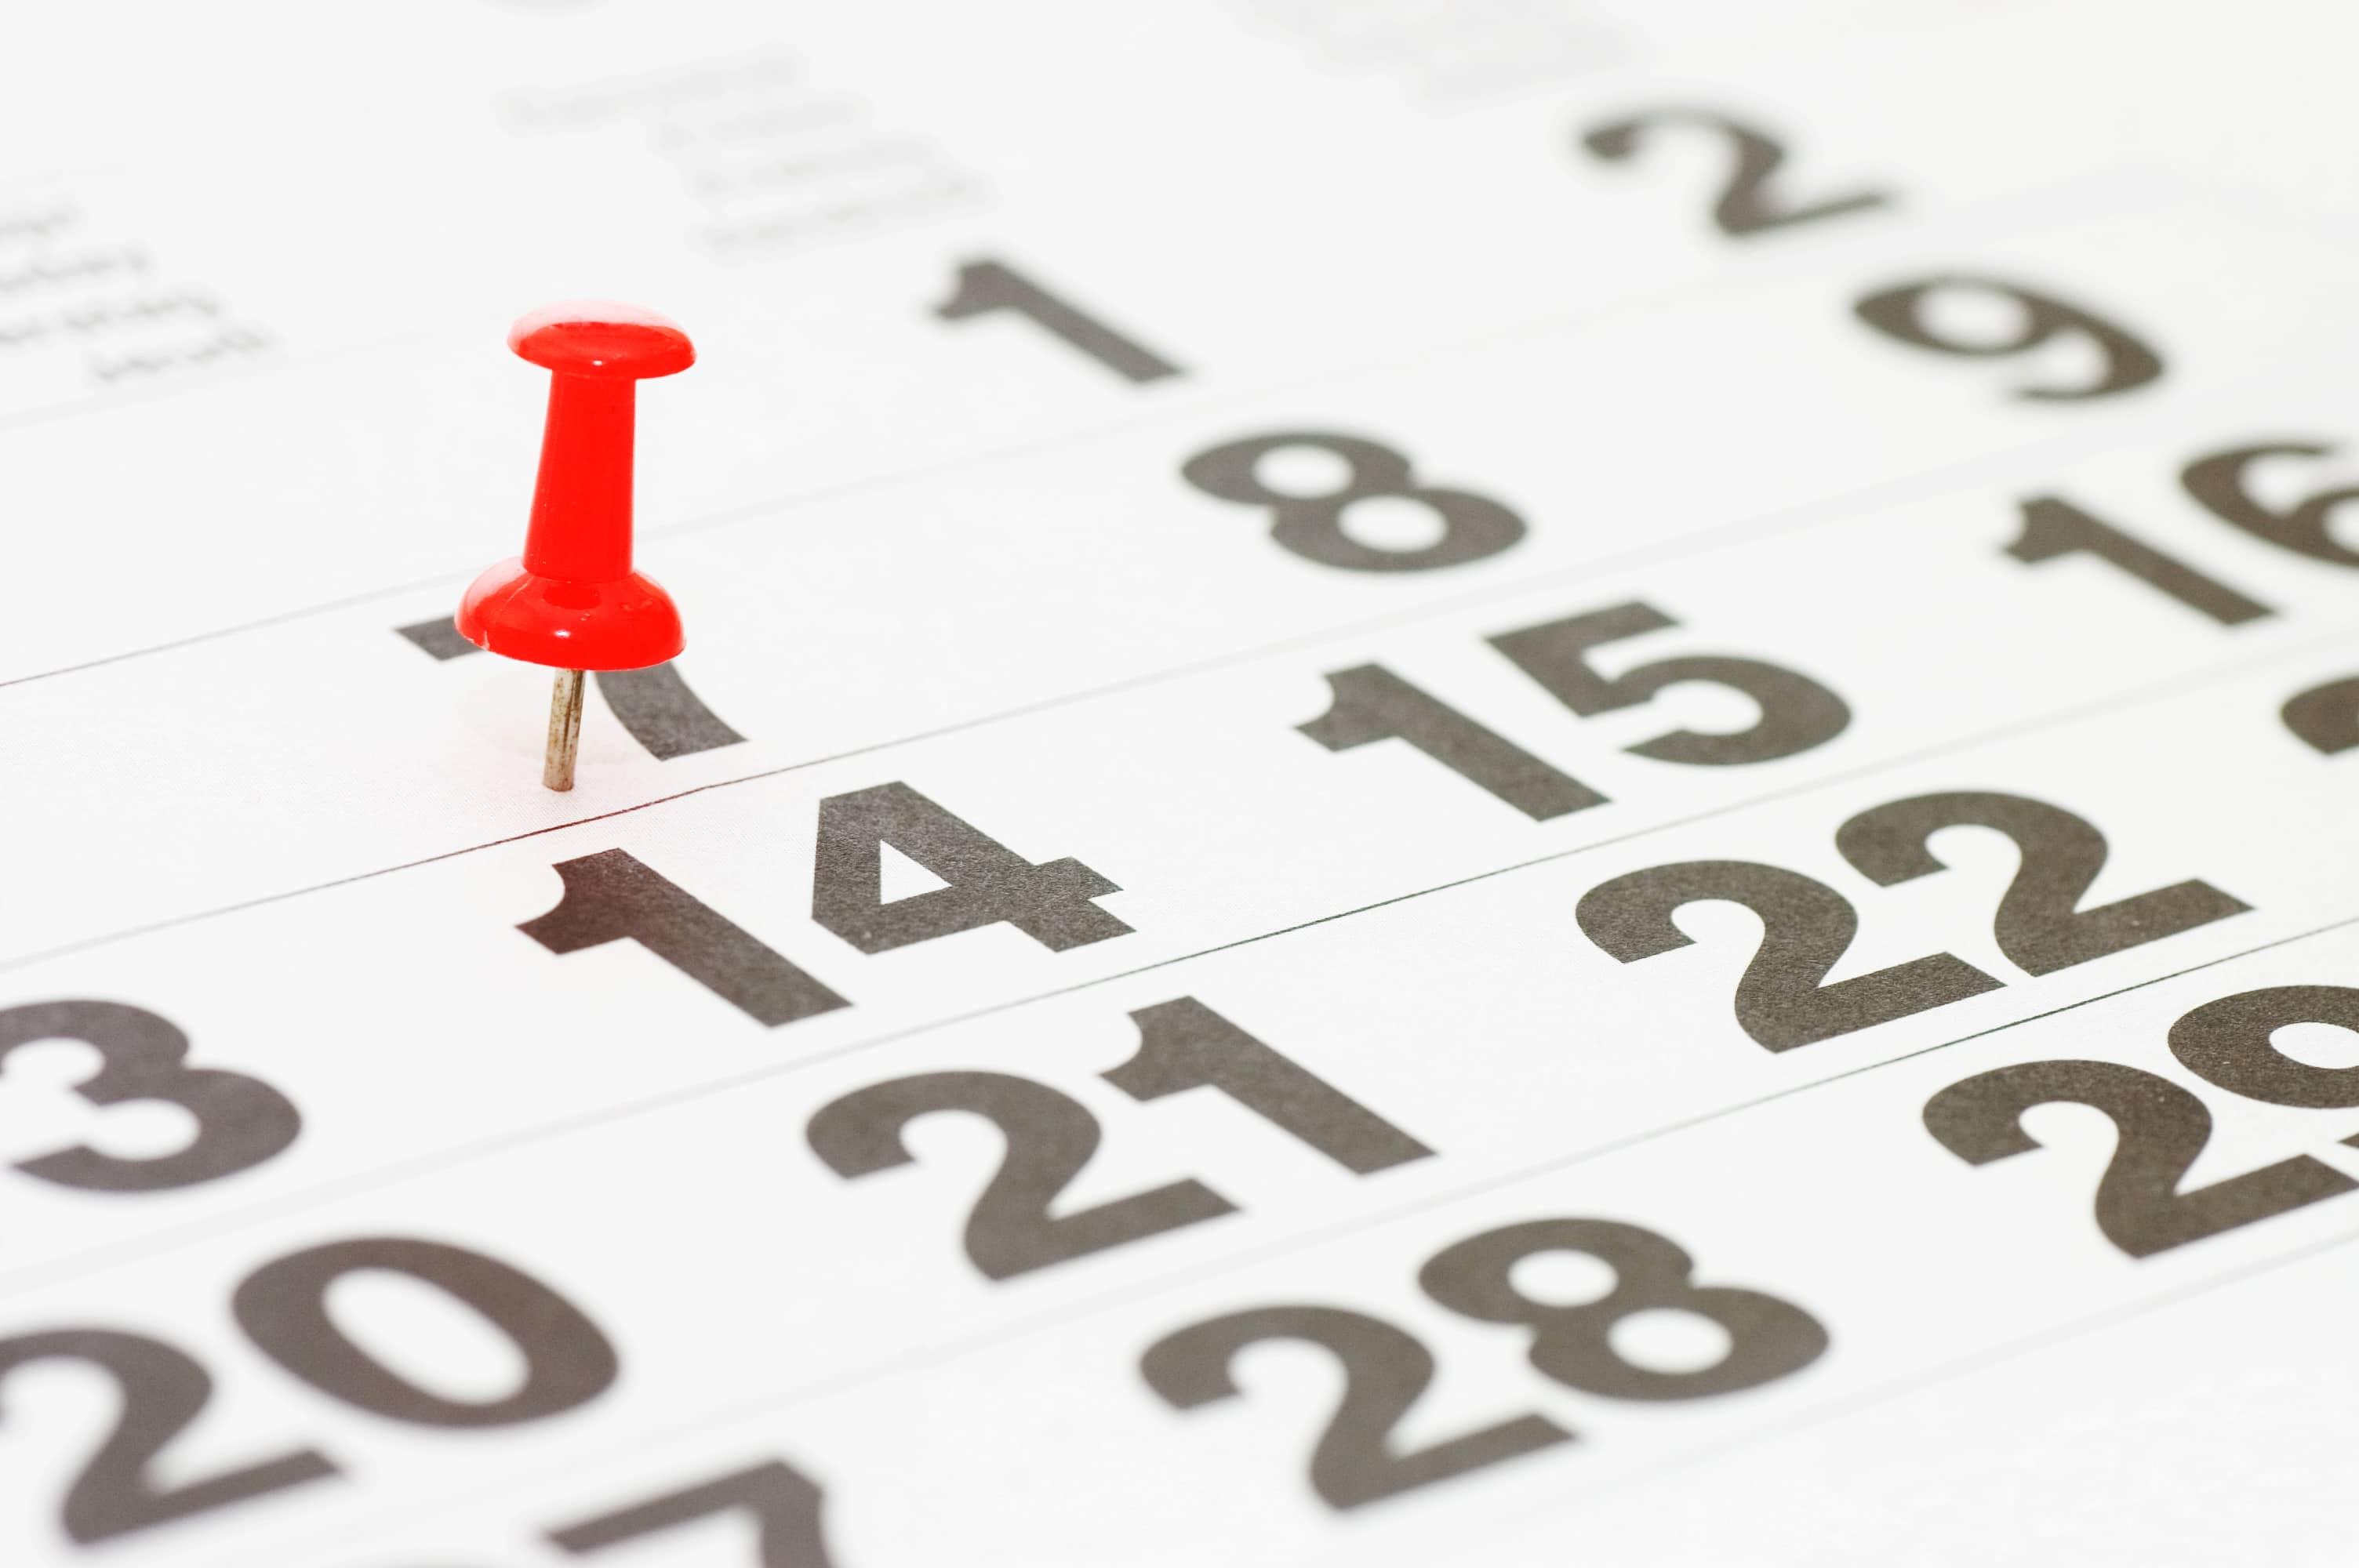 Kalenderblad med markering för den 14:e i månaden